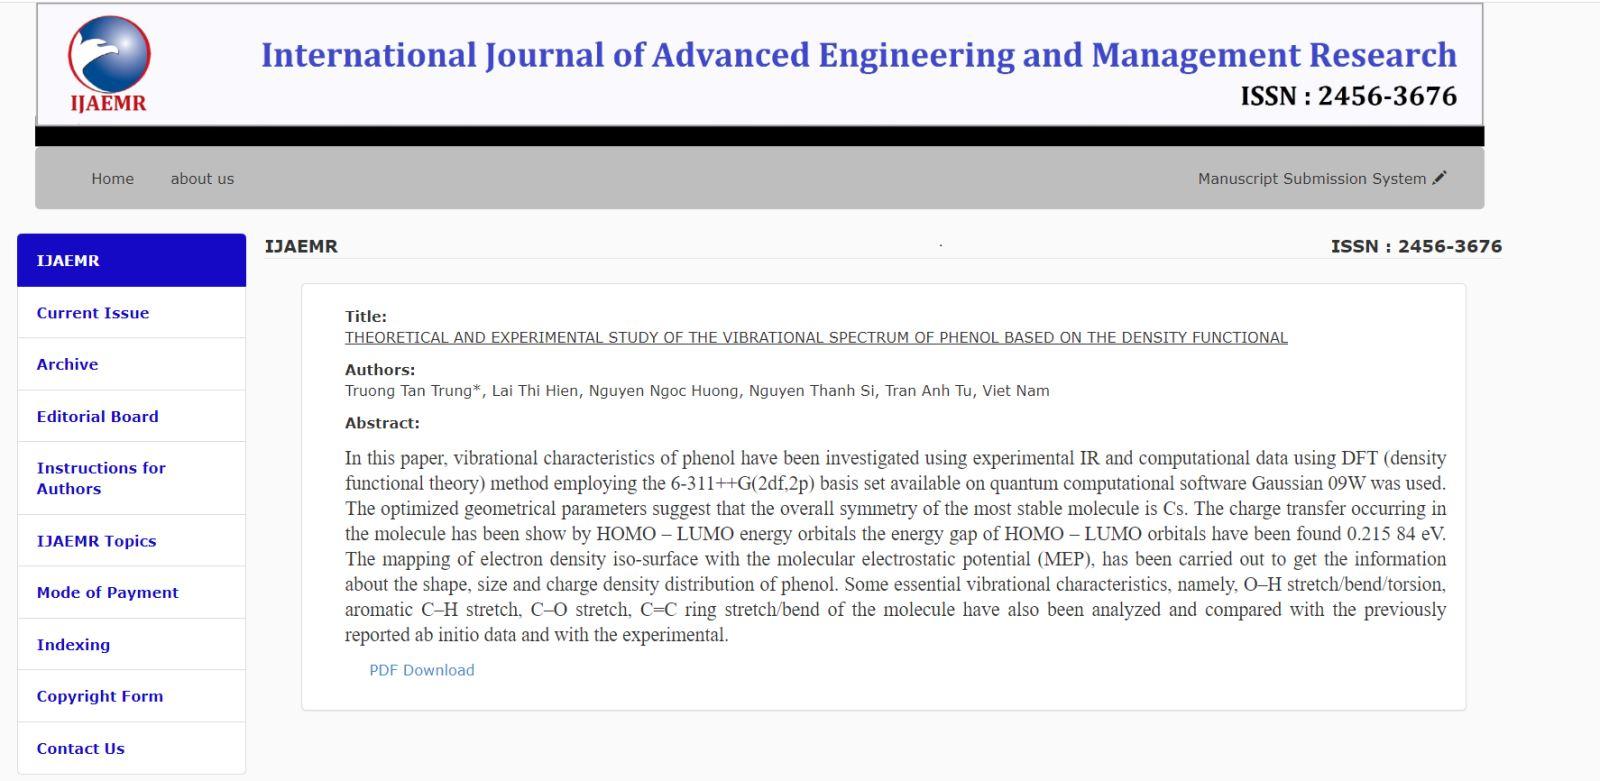 Sinh viên DNTU công bố nghiên cứu khoa học trên tạp chí có chỉ số ISSN quốc tế